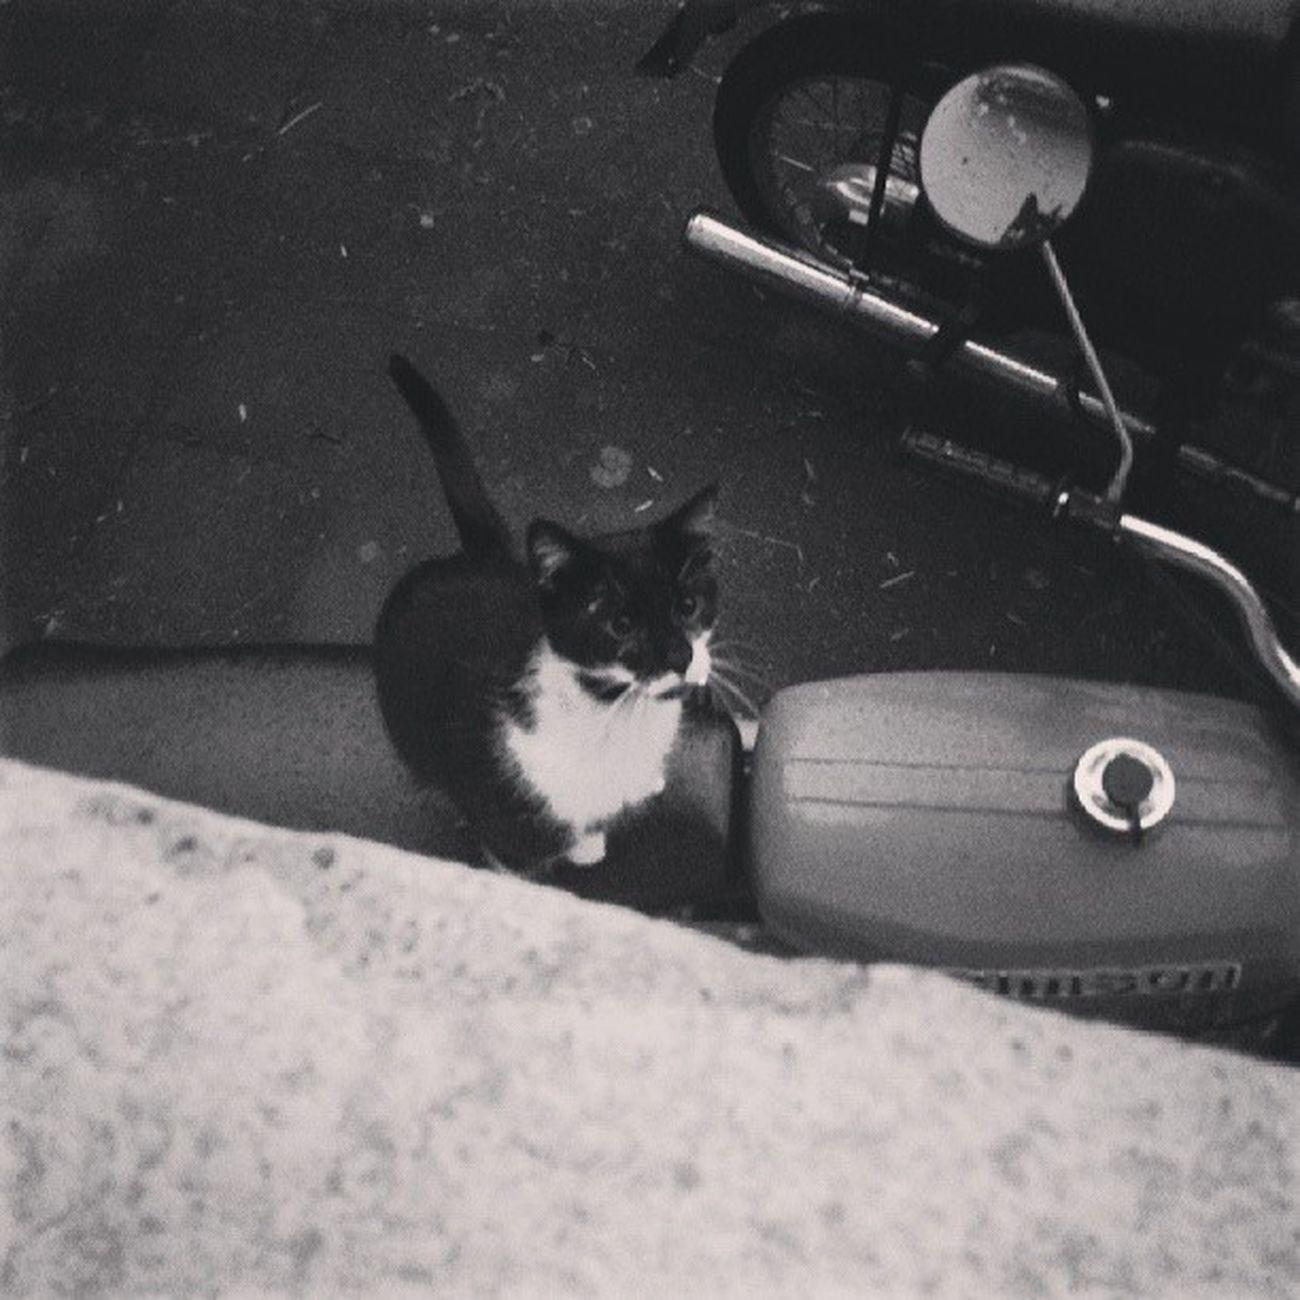 Hui, da schaut aber eine nette Überraschung durchs Fenster - ein sehr seltener Wg -Gast: Jeffrey :) Evening Blackwhite Blackandwhite cat cats motorbike Catcontent catstagram catsofinstagram Caturday caturdayeveryday fluffeveryday fluffweekly instafluff fluff followme follow instafollow instakitten kitten tagsforlikes t4l outside home